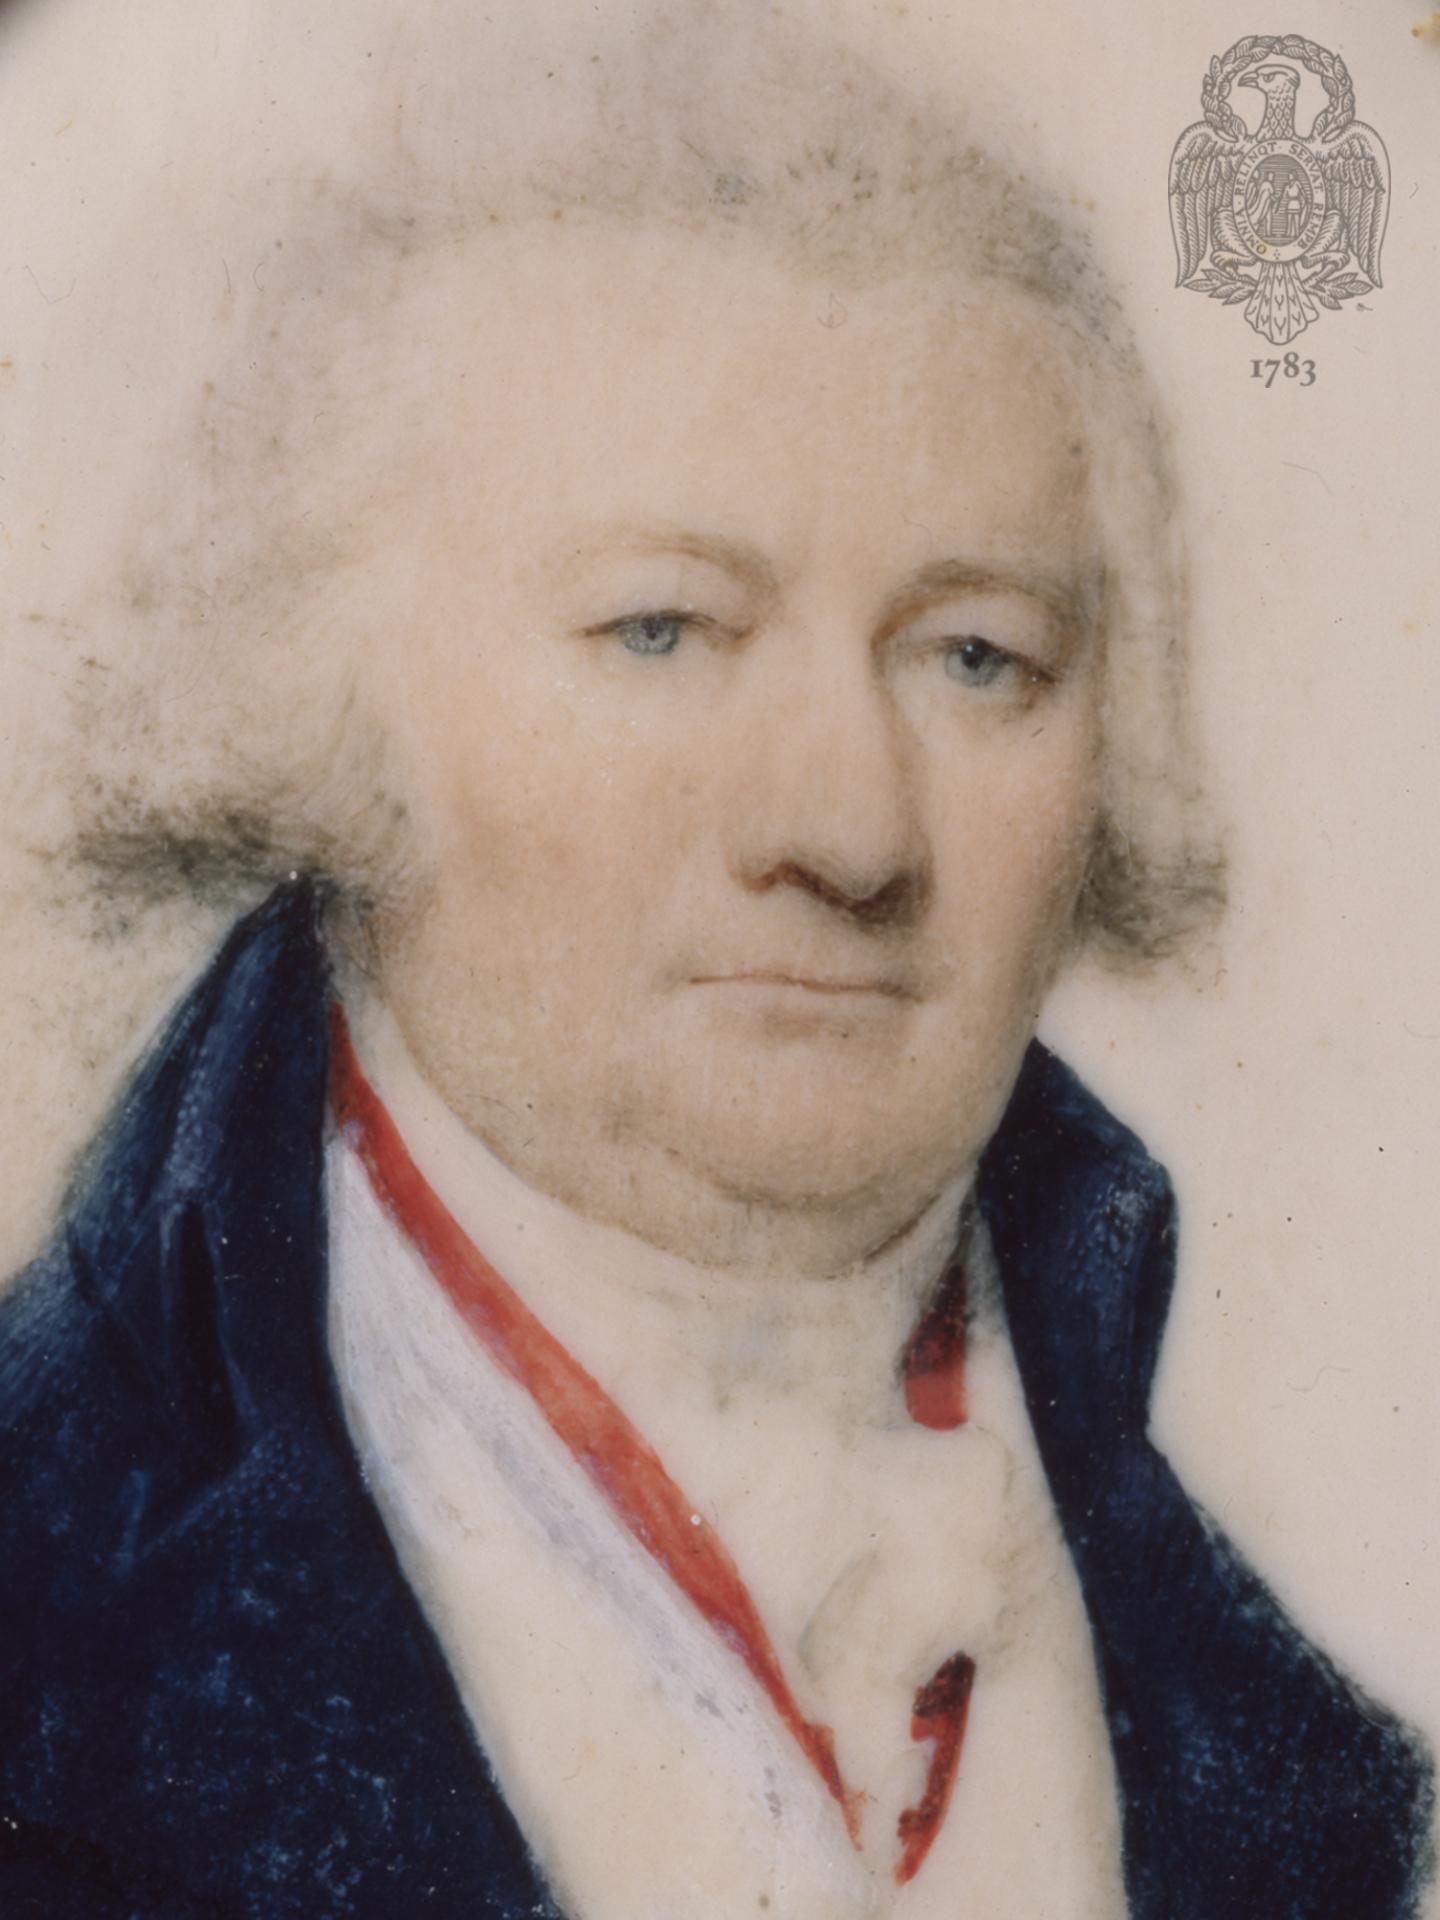 Col. Thomas Hartley